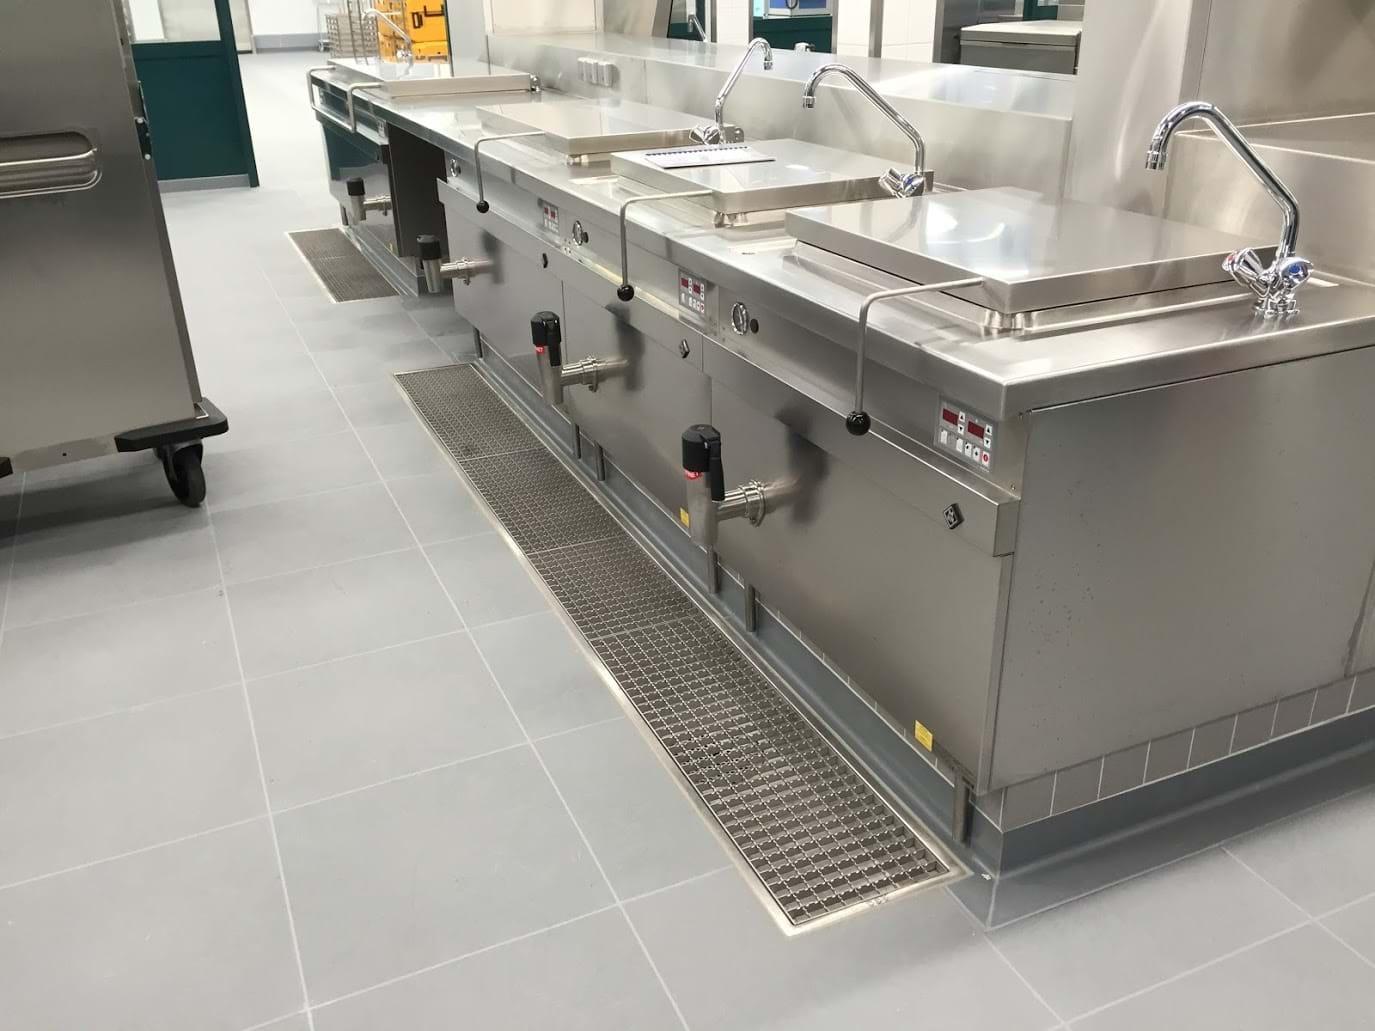 Fußboden In Großküchen ~ Einfache sanierung des bodenbelags in großküchen und gastronomie